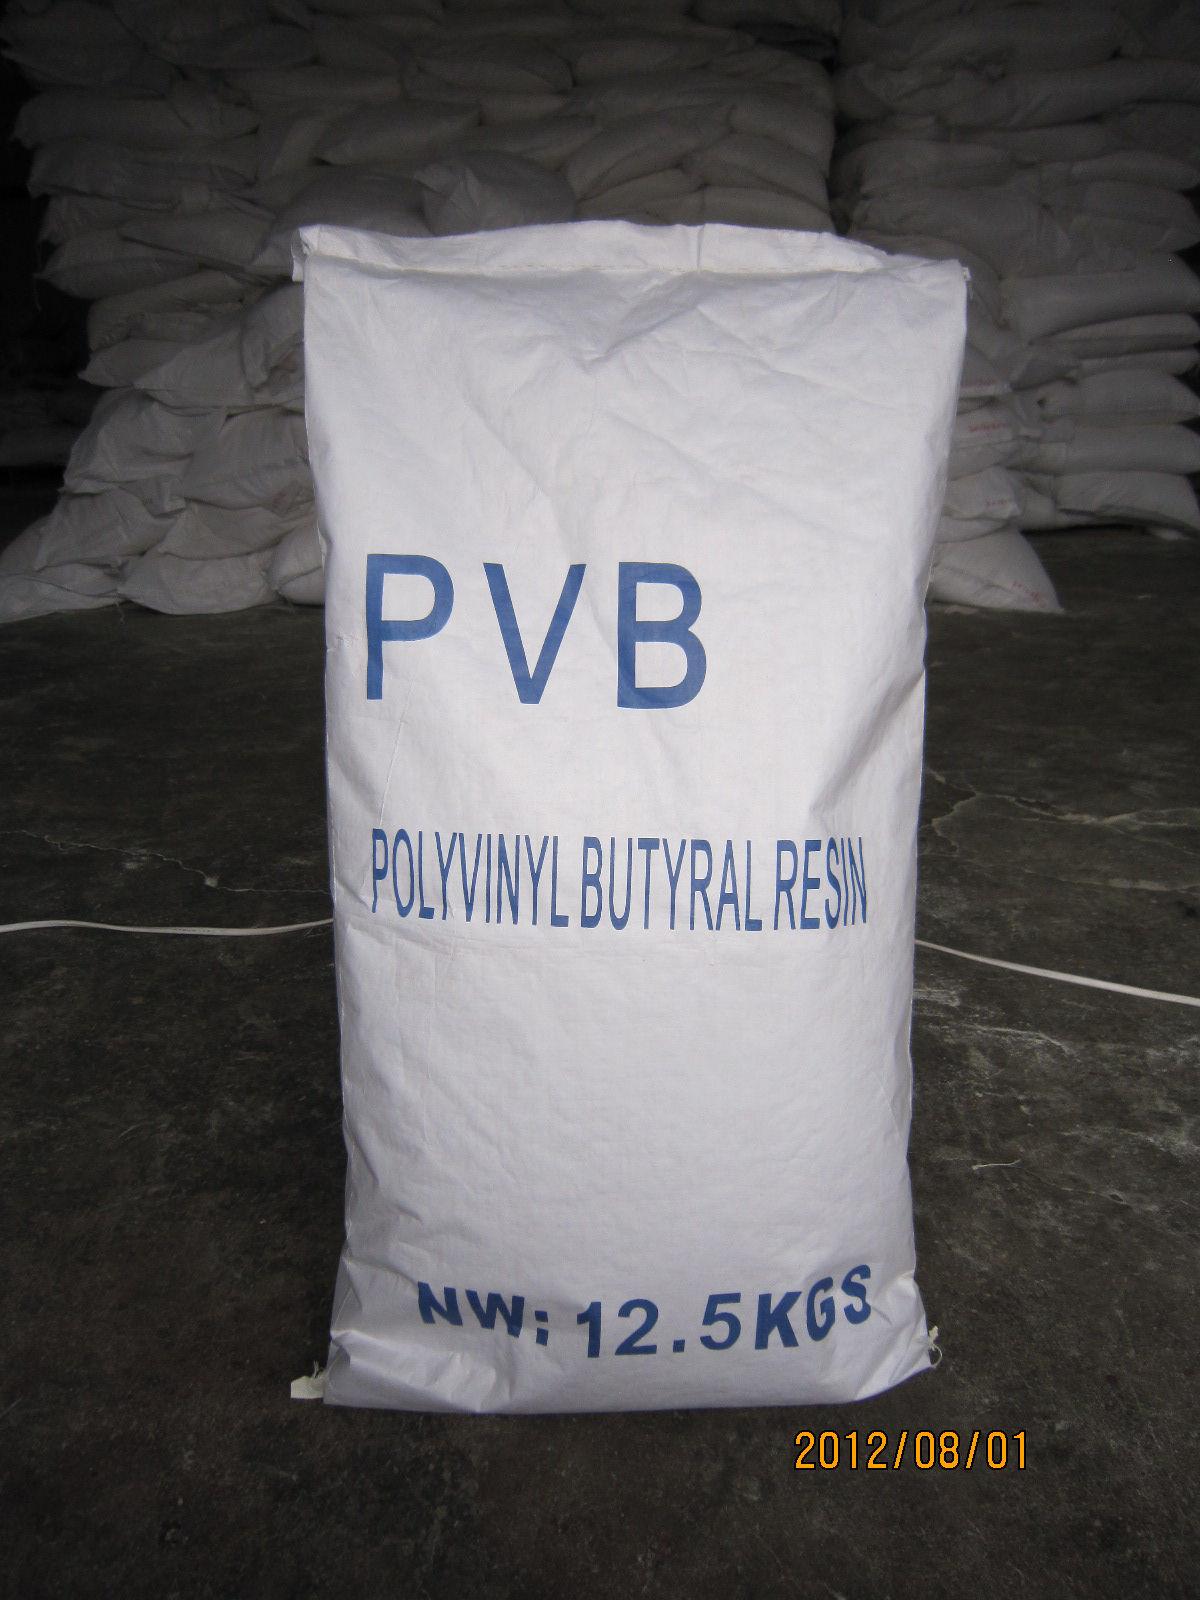 聚乙烯醇缩丁醛树脂 PVB 油漆行...